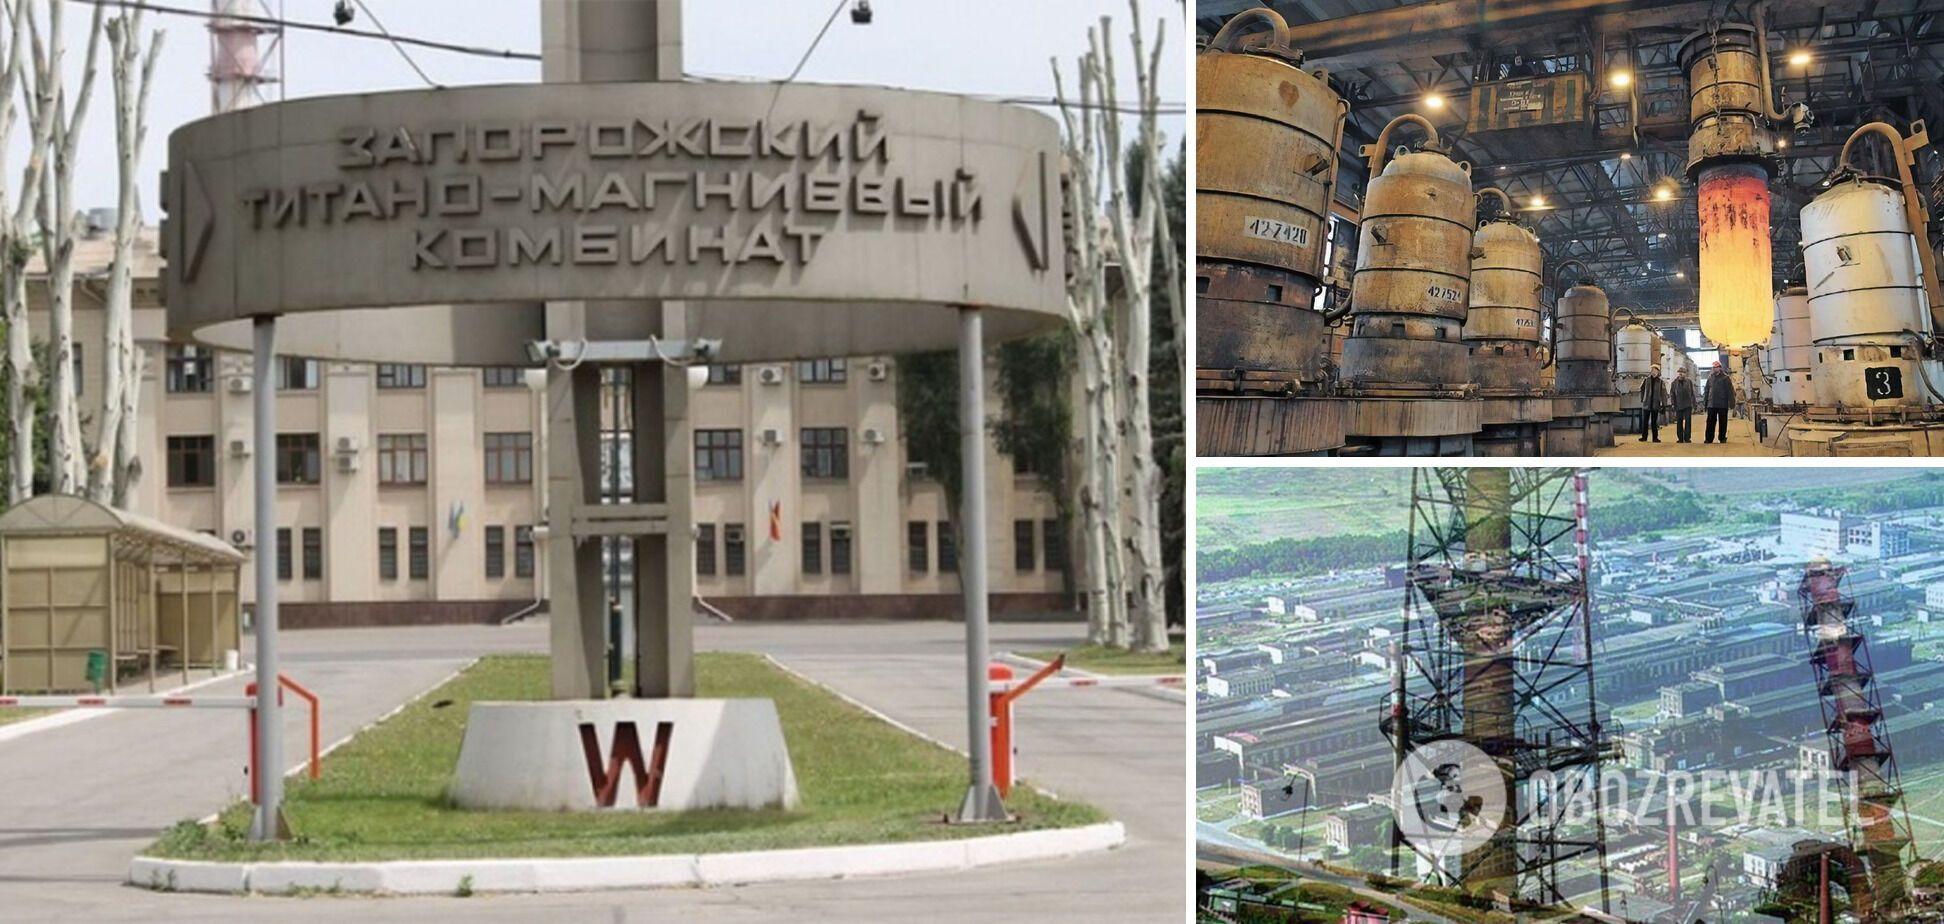 Справедливость в действии: суд вернул Запорожский титано-магниевый комбинат государству!